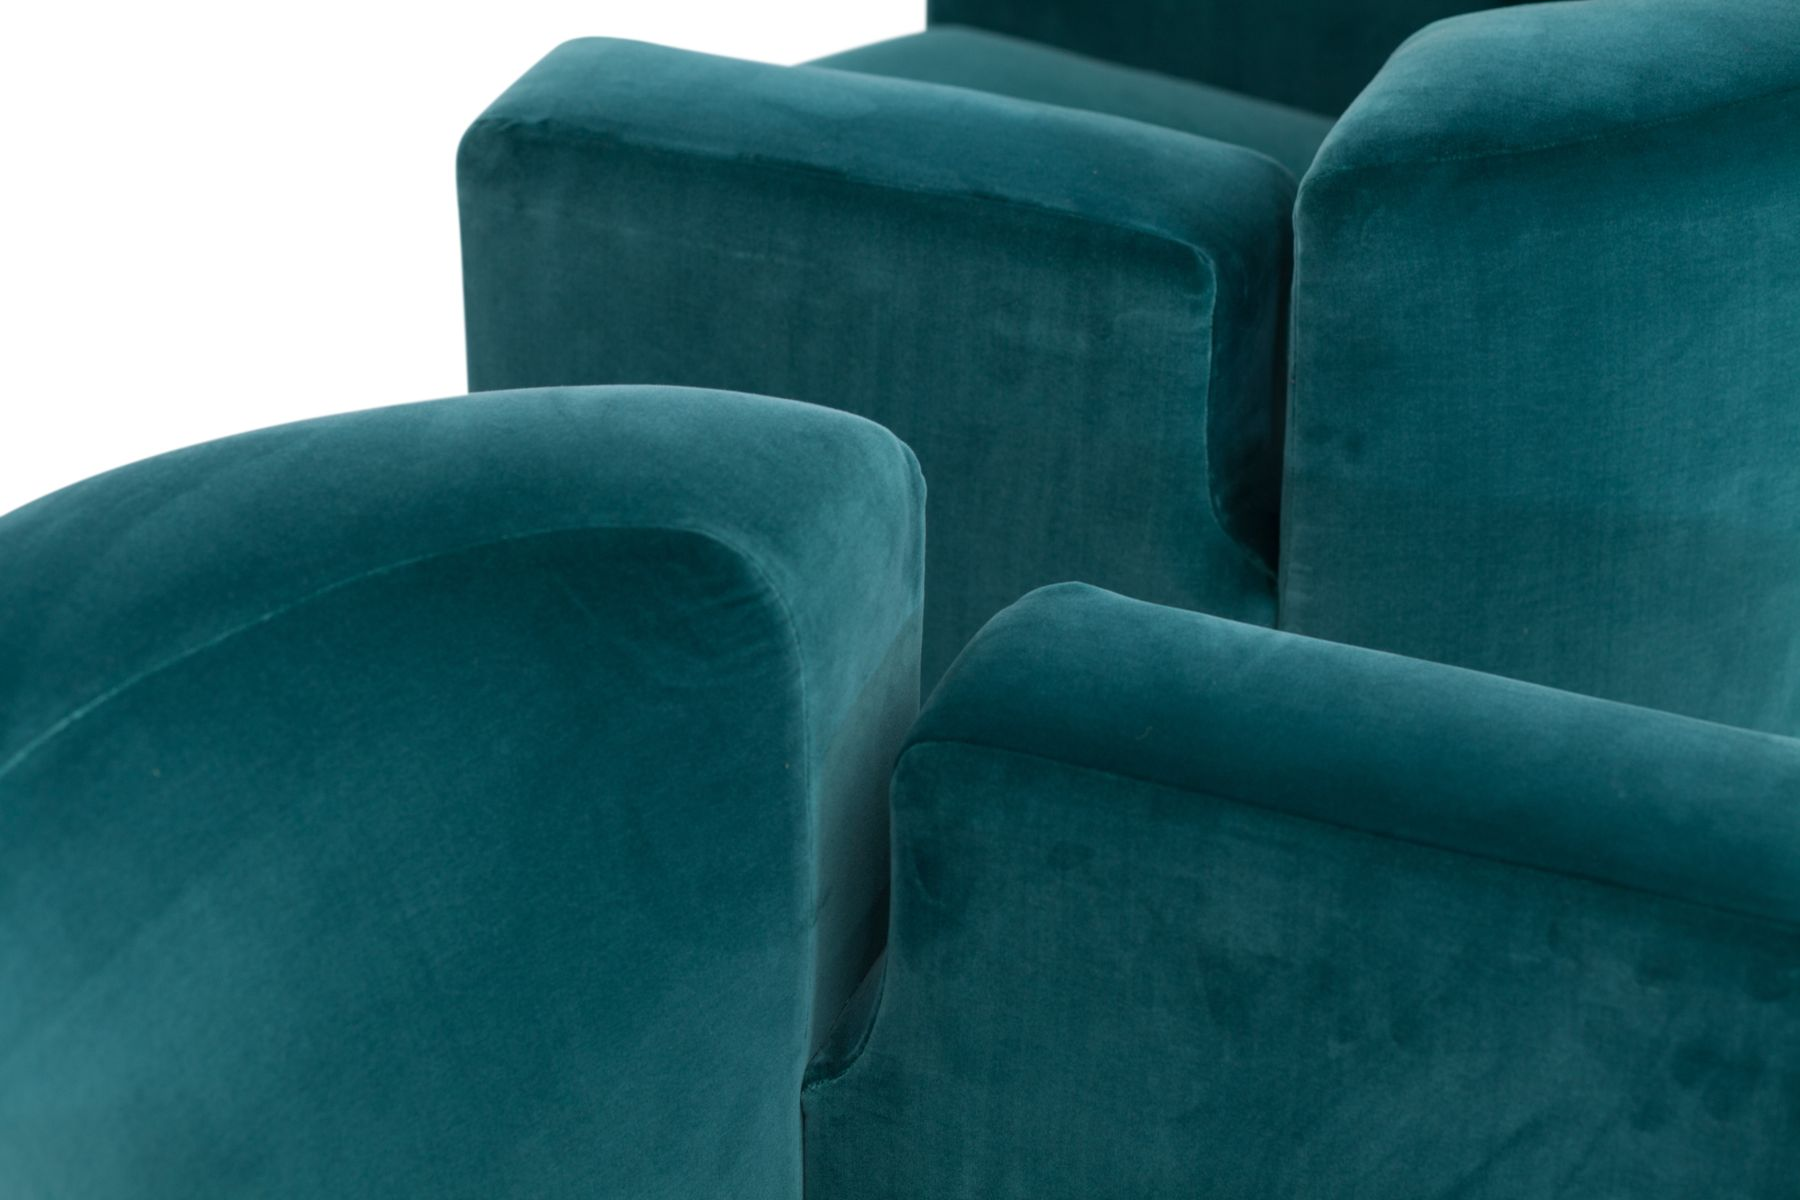 fauteuils pivotants en velours bleu par milo baughman. Black Bedroom Furniture Sets. Home Design Ideas